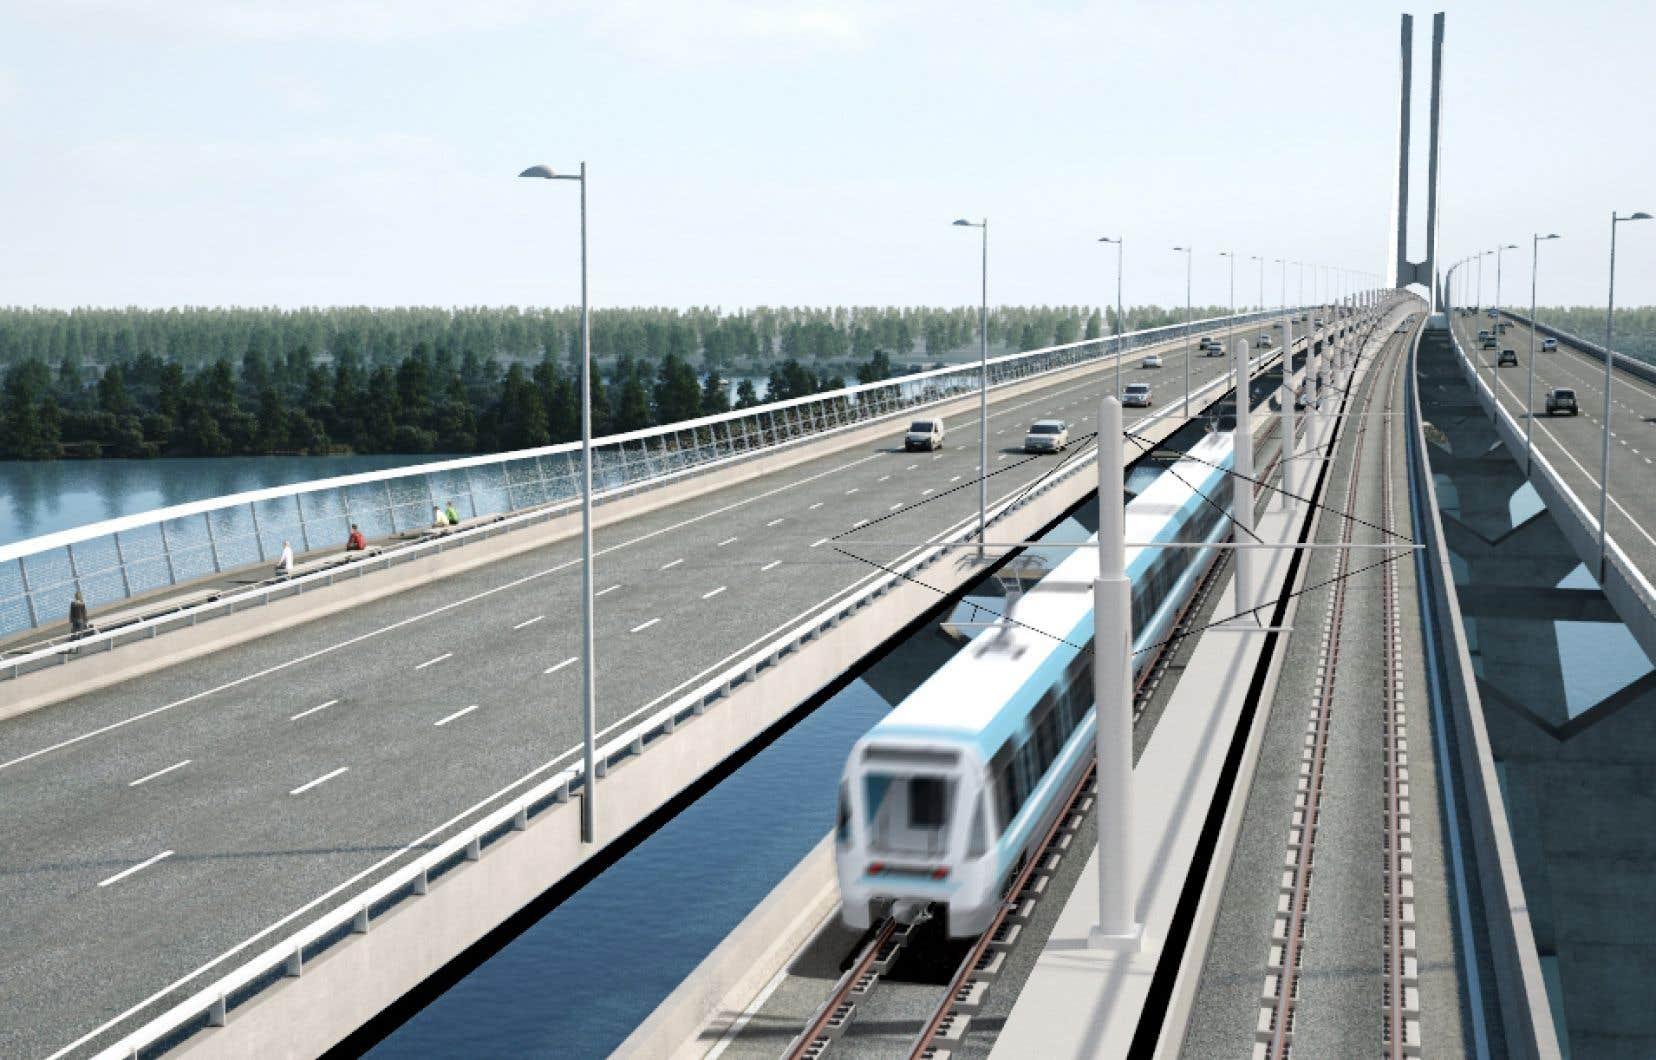 Le Réseau express métropolitain ne sert pas l'est de Montréal, où l'urgence du transport collectif est la plus grande, souligne l'auteur.